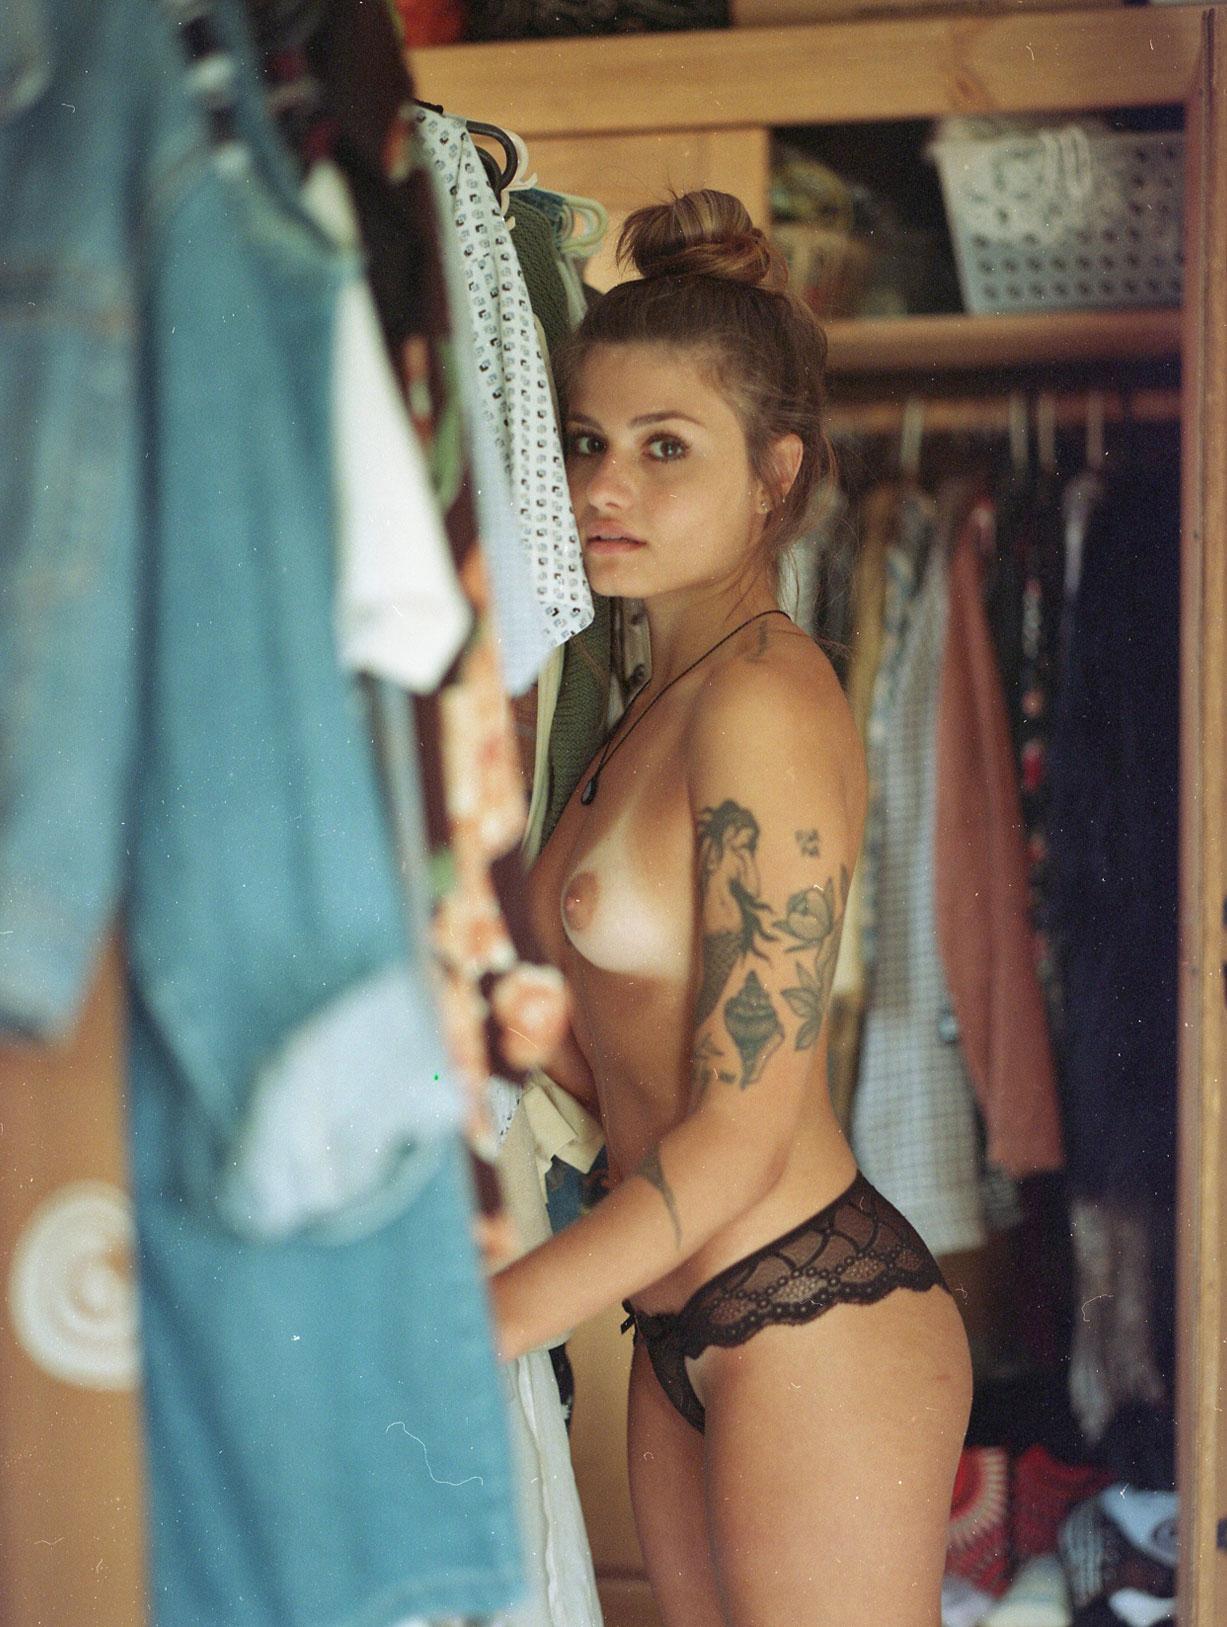 Стефани Грацки / Stefanie Graczcki nude by Neto Macedo - B-Authentique Magazine